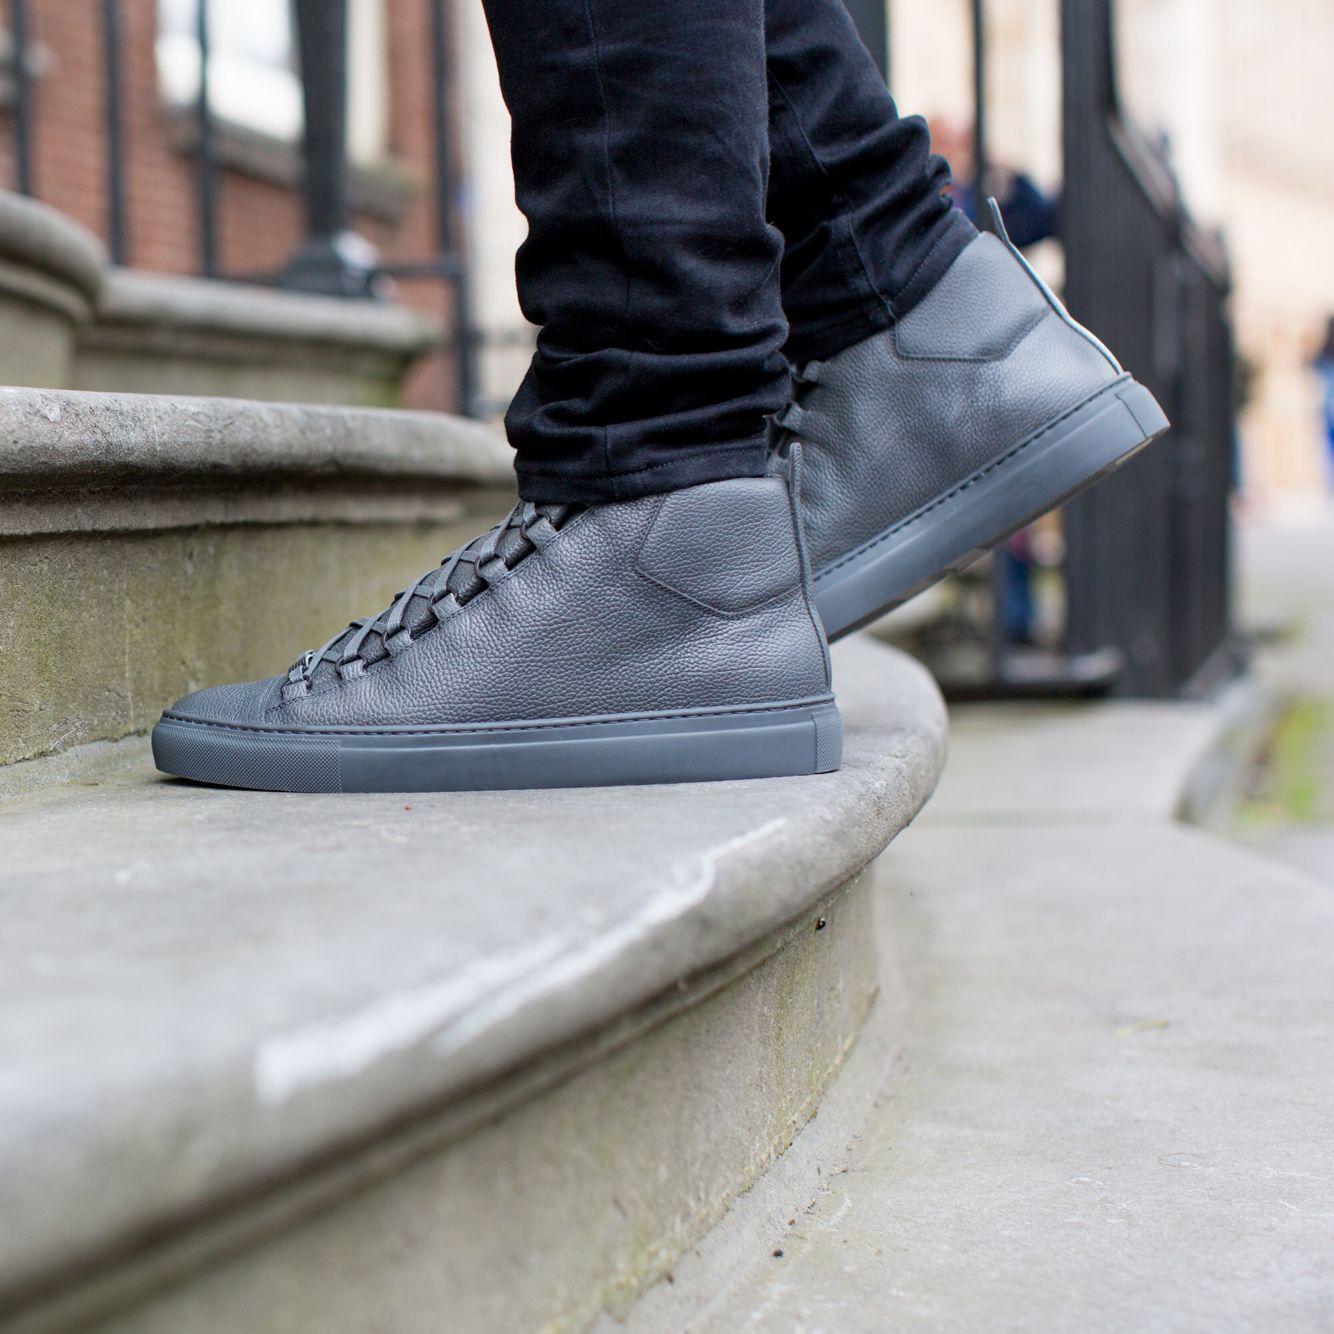 BALENCIAGA | NEW ARRIVALS | DERODELOPER.COM The Balenciaga arena high top  sneakers for the